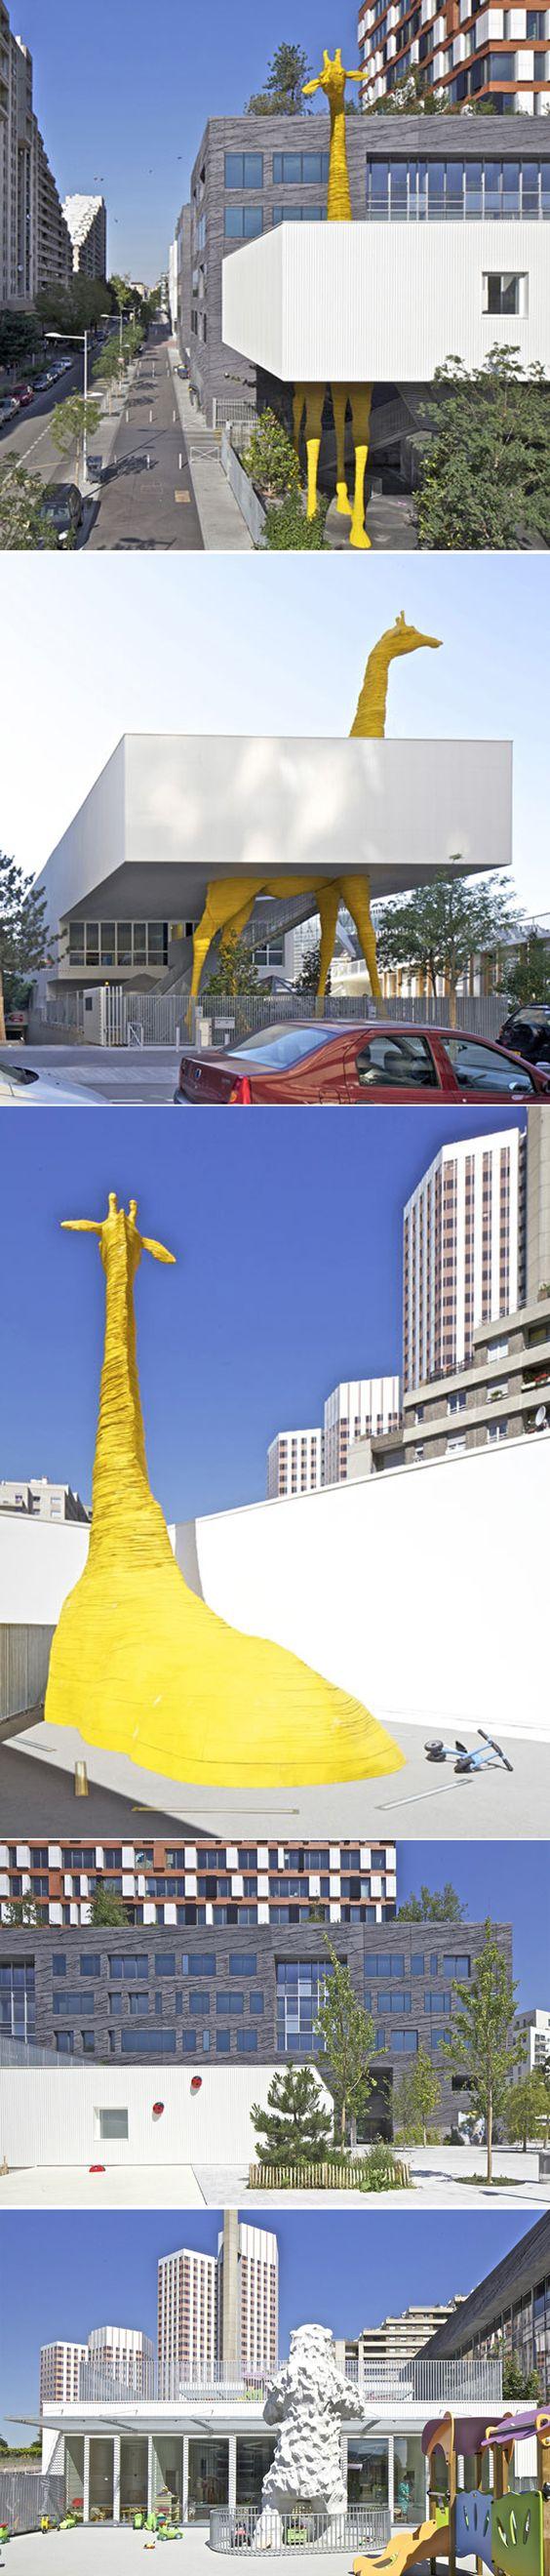 Les architectes de Hondelatte Laporte Architectes réalisent à Paris une gigantesque crèche où une immense girafe jaune traverse certaines parties du bâtiment. La statue impressionnante semble agir comme une colonne de soutien, comme si elle maintenait une partie du dernier étage. Cet équipement public exprime l'univers de la petite enfance et anime l'espace.